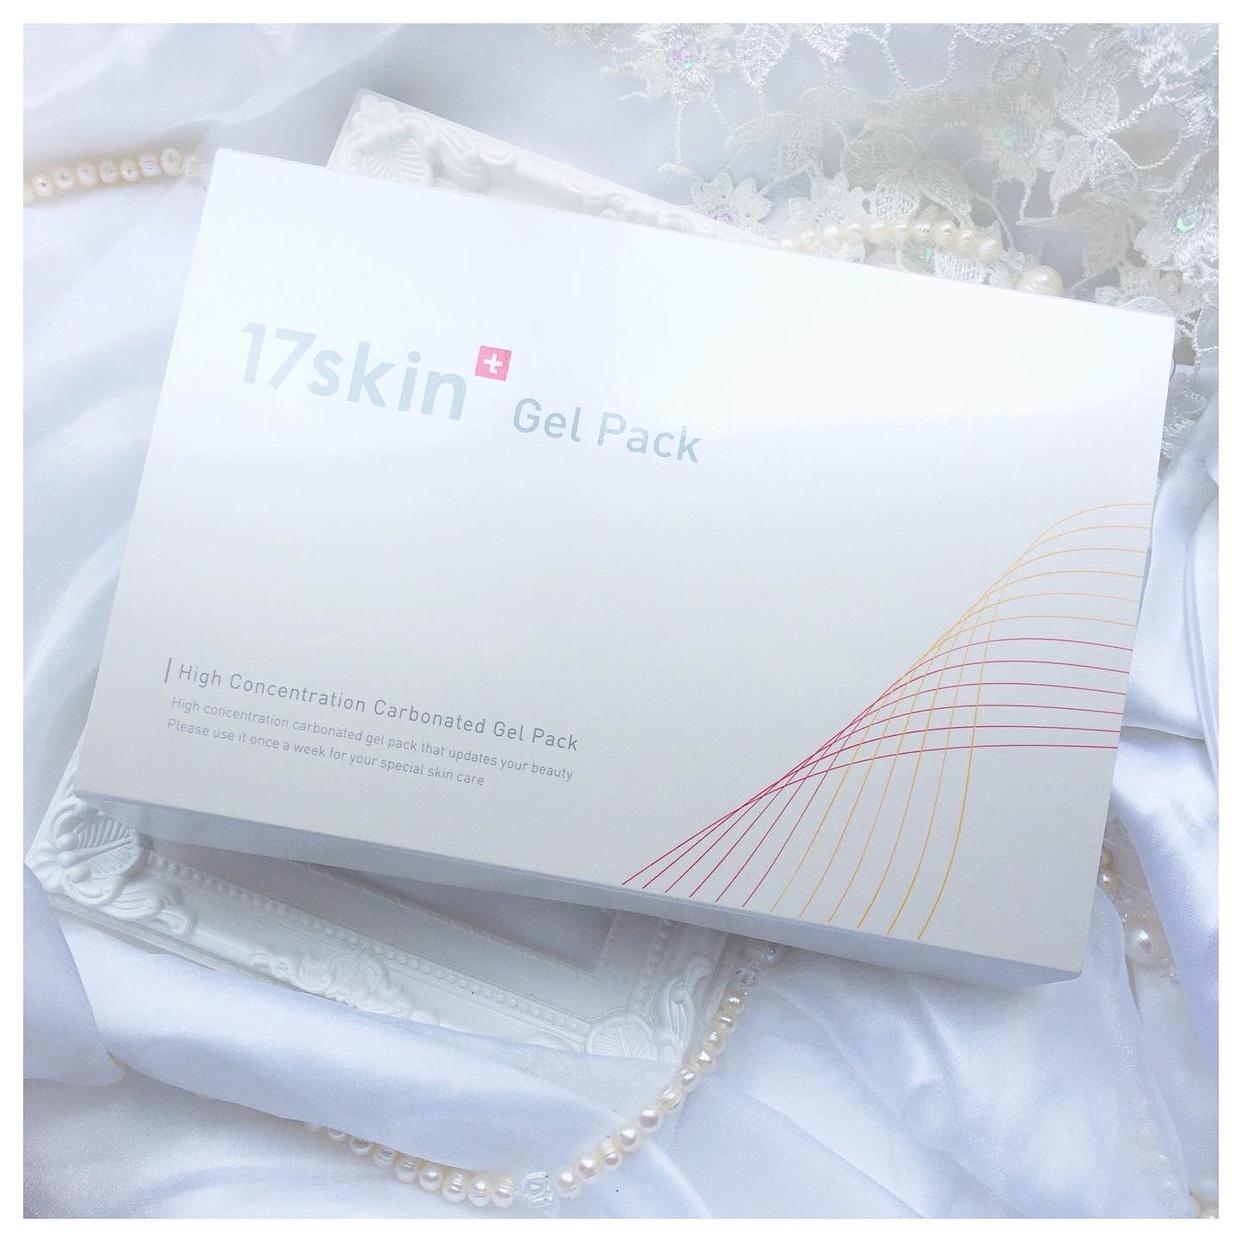 17skin(イチナナスキン) 高濃度炭酸パックを使ったぶるどっくさんのクチコミ画像1